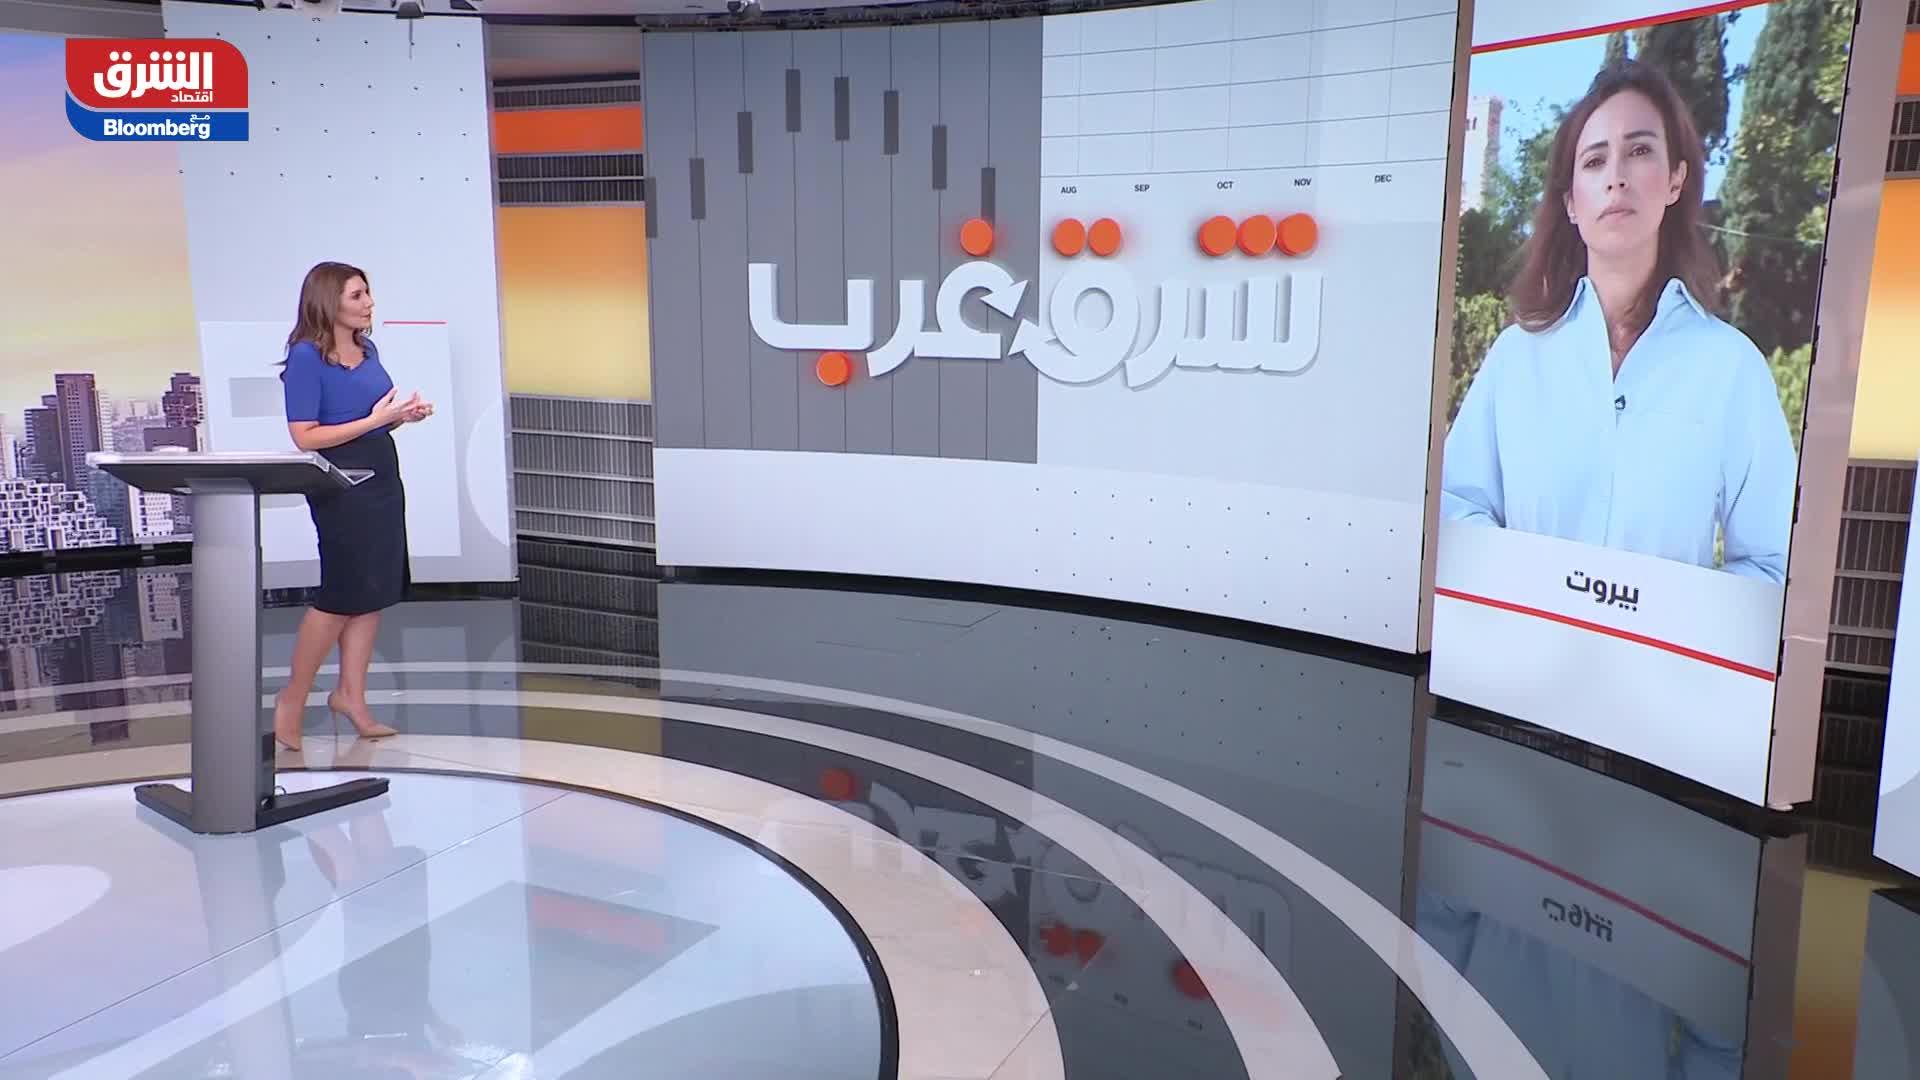 آخر مستجدات الوضع في لبنان بعد دعوة الرئيس للحكومة باستئناف اجتماعاتها